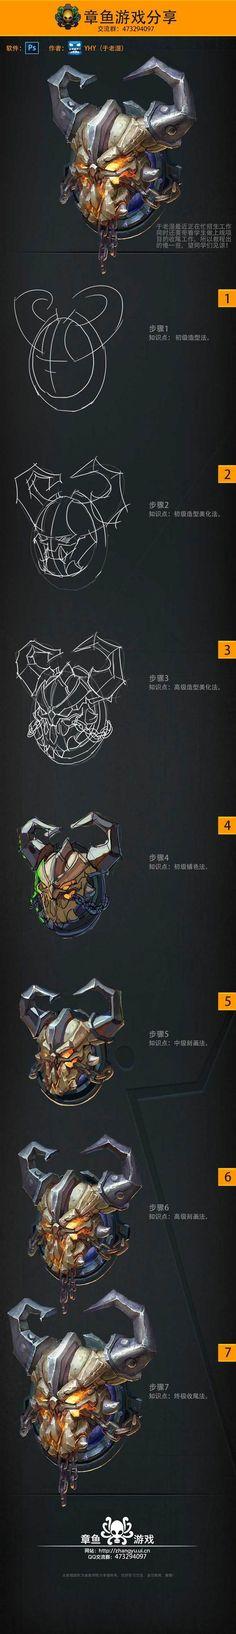 手游教程—写实徽章图标(4期) |GAM...: